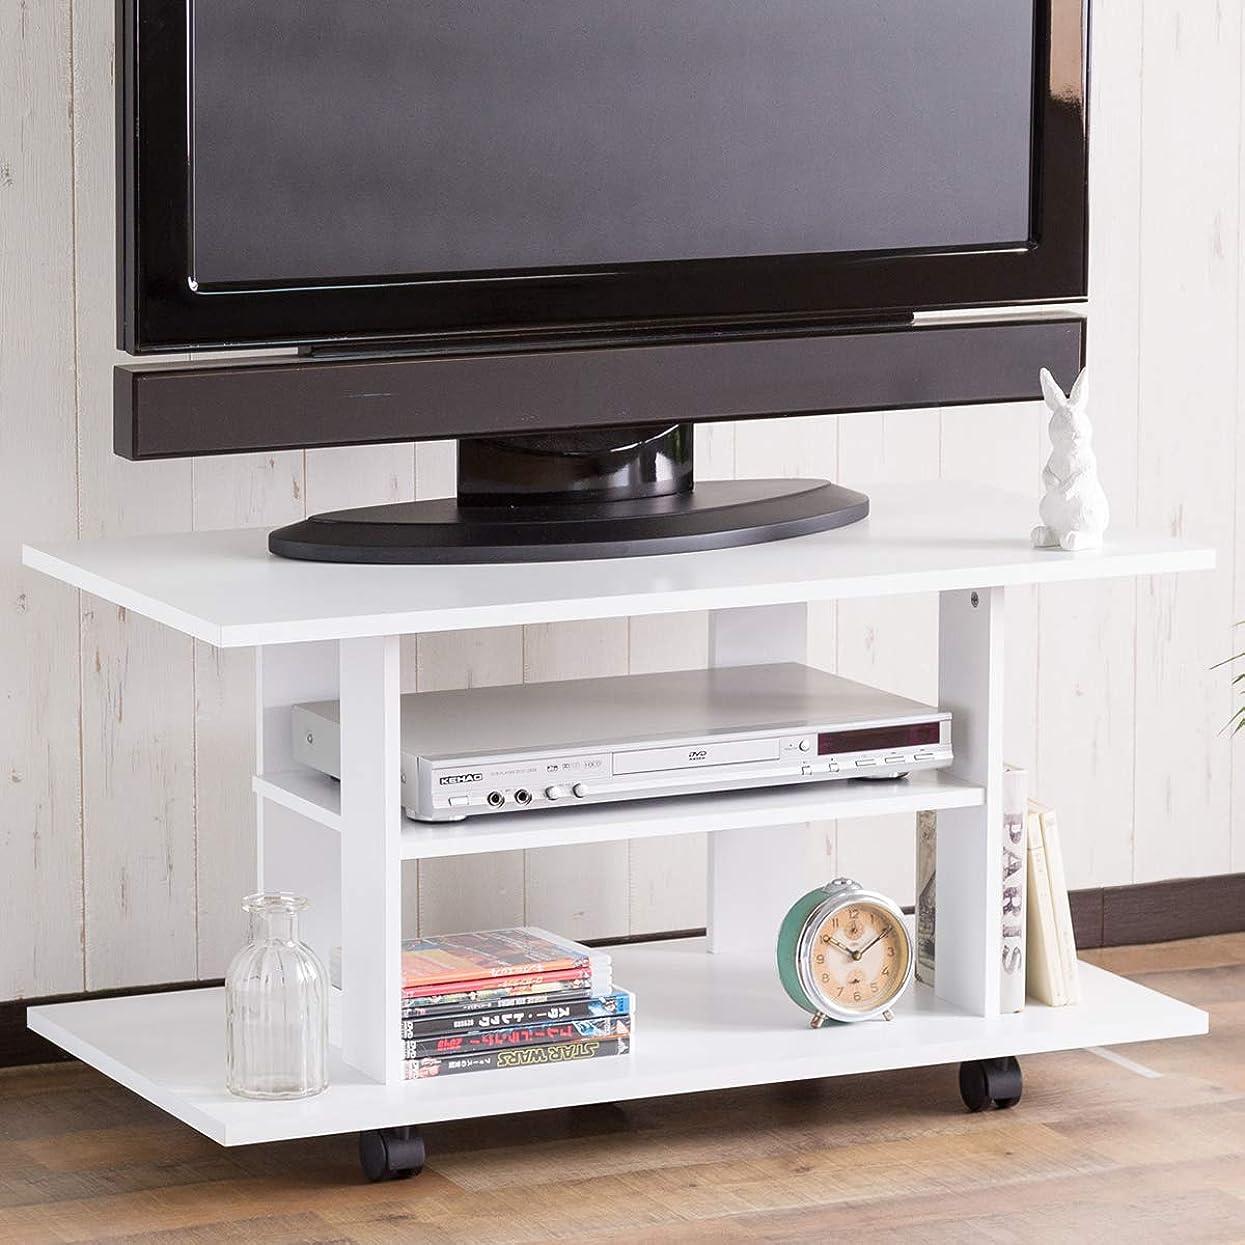 抱擁ホップ抜本的な【どこにでも使いやすい設計サイズ】軽くて省スペーステレビボード(キャスター付き) 幅80cm 掃除しやすい移動式 オープン設計AV収納 32型対応 テーブルや棚にも使える (ホワイト色)